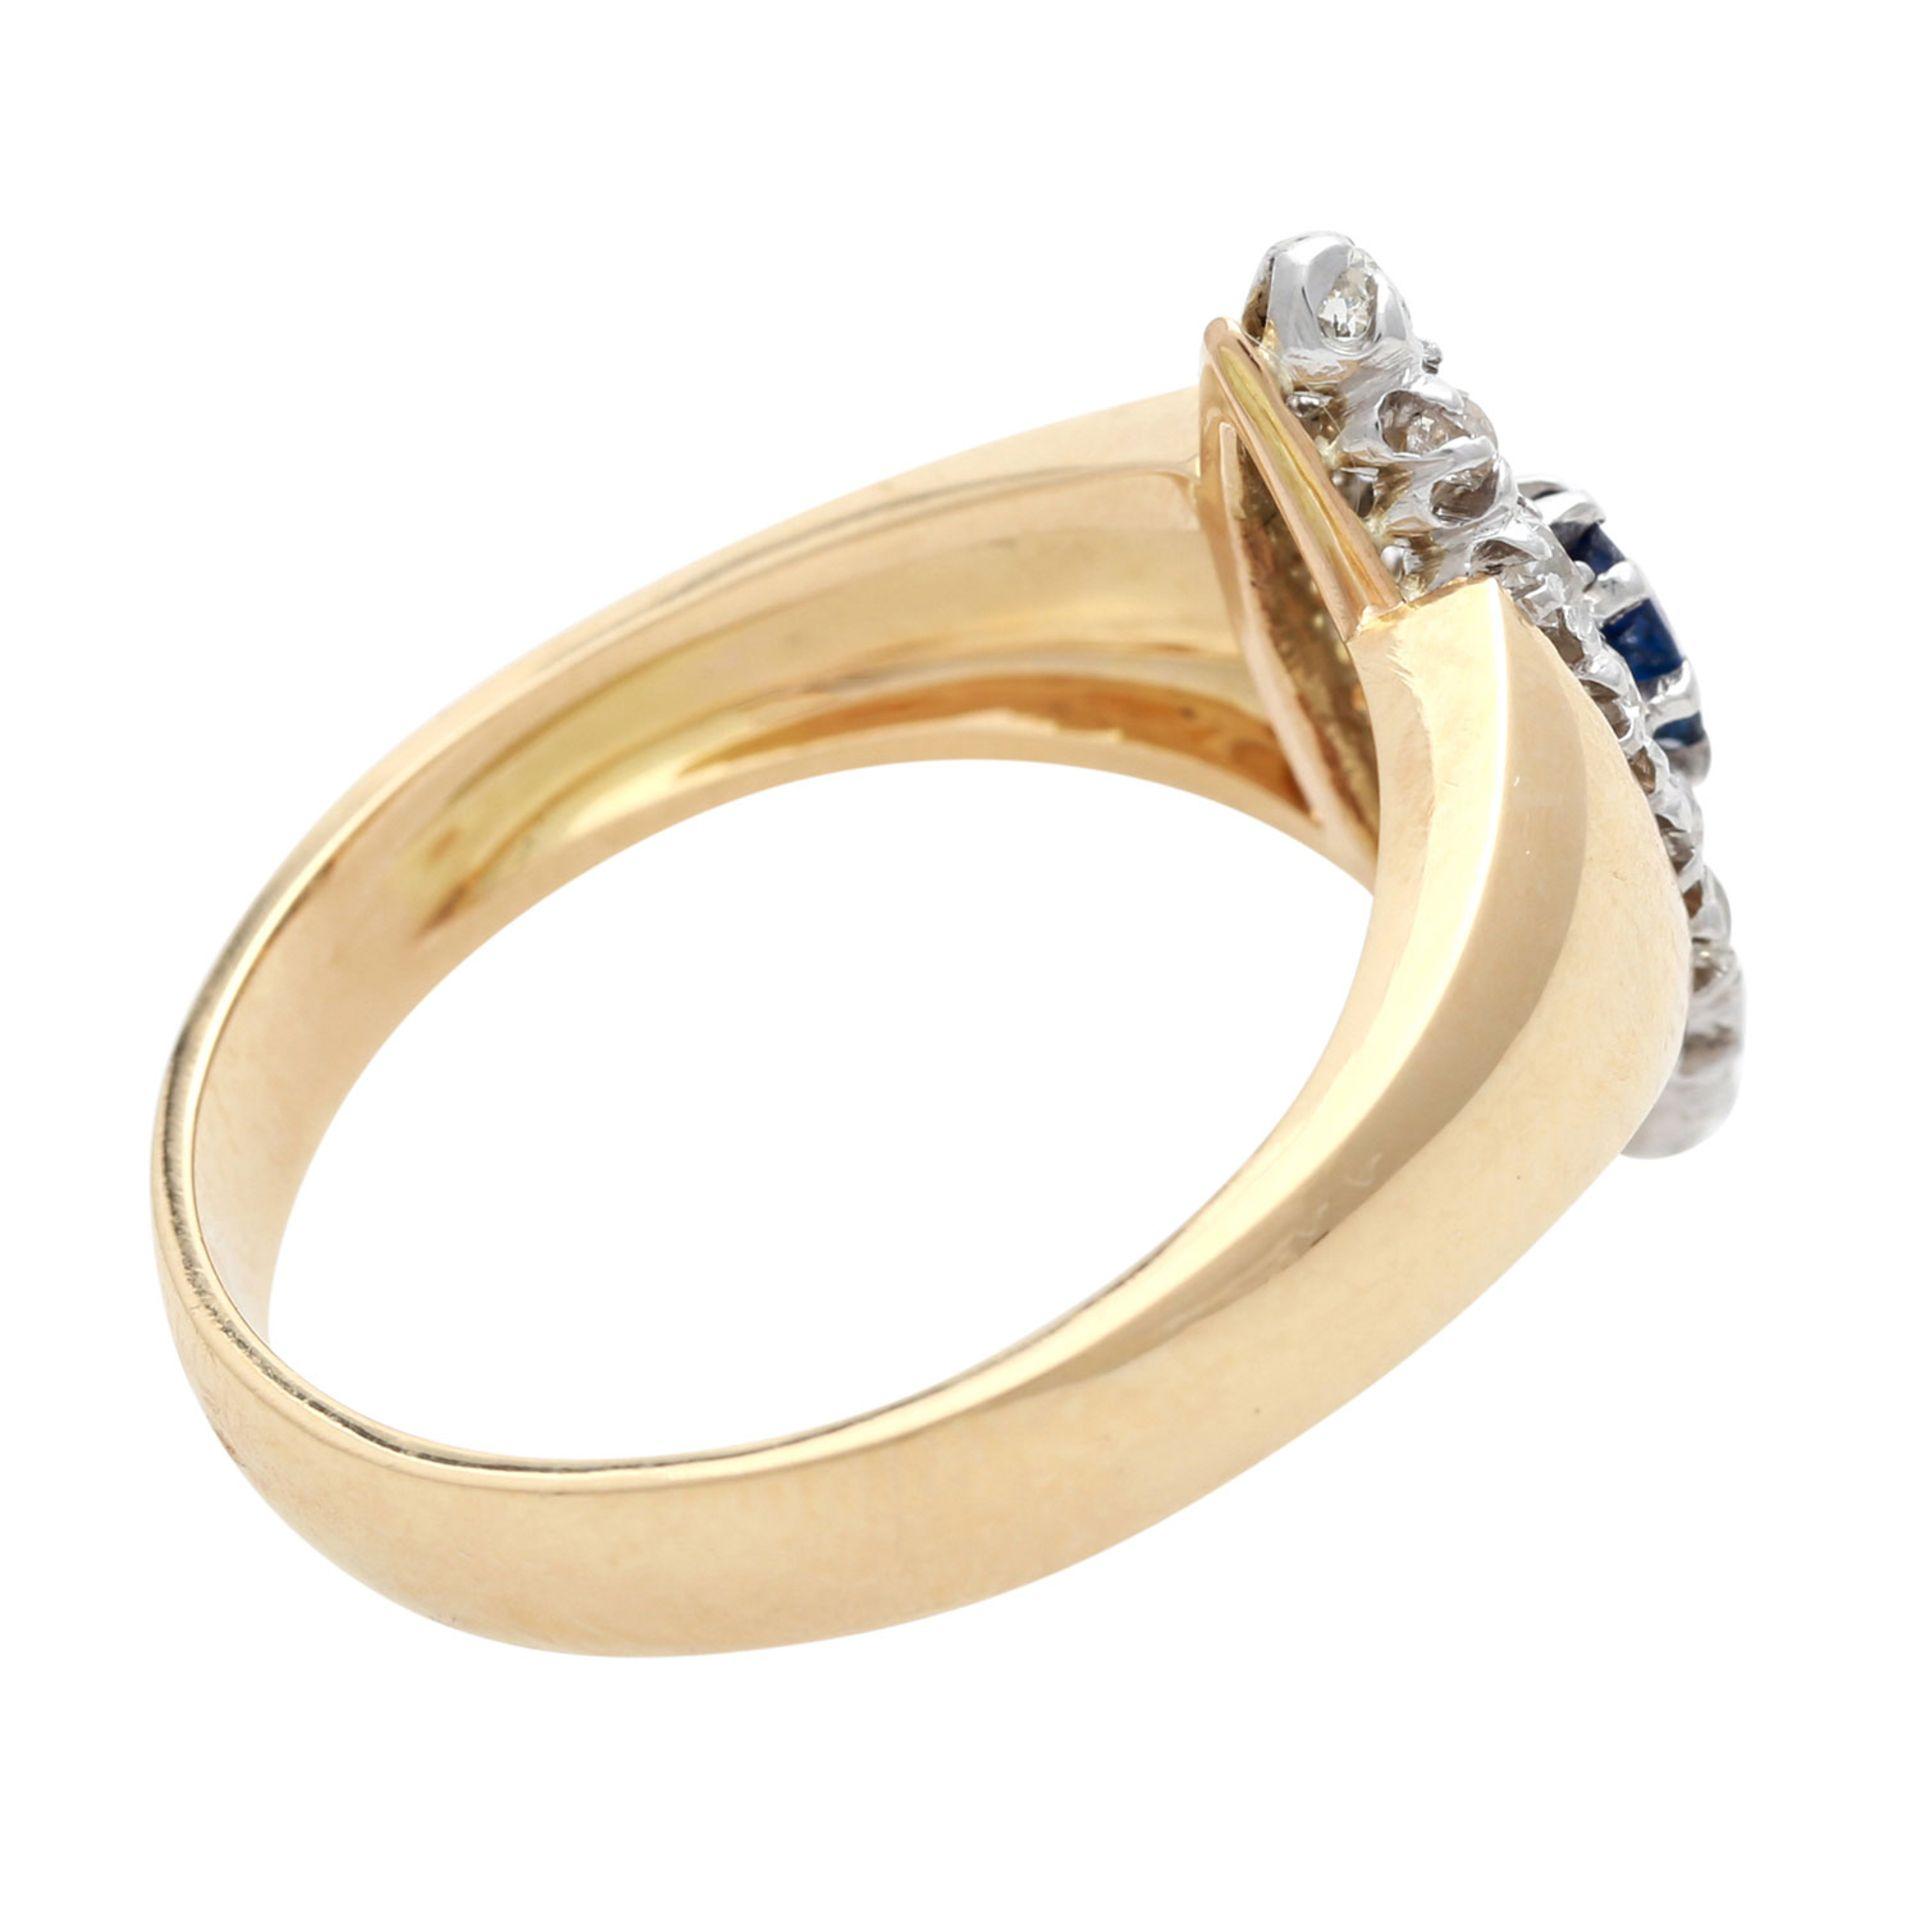 Los 173 - Ring mit 1 Saphir, ca. 0,4 ct und 16 Diamanten, Altschliff und Rosen, zus. ca. 0,5 ct, mittlerer